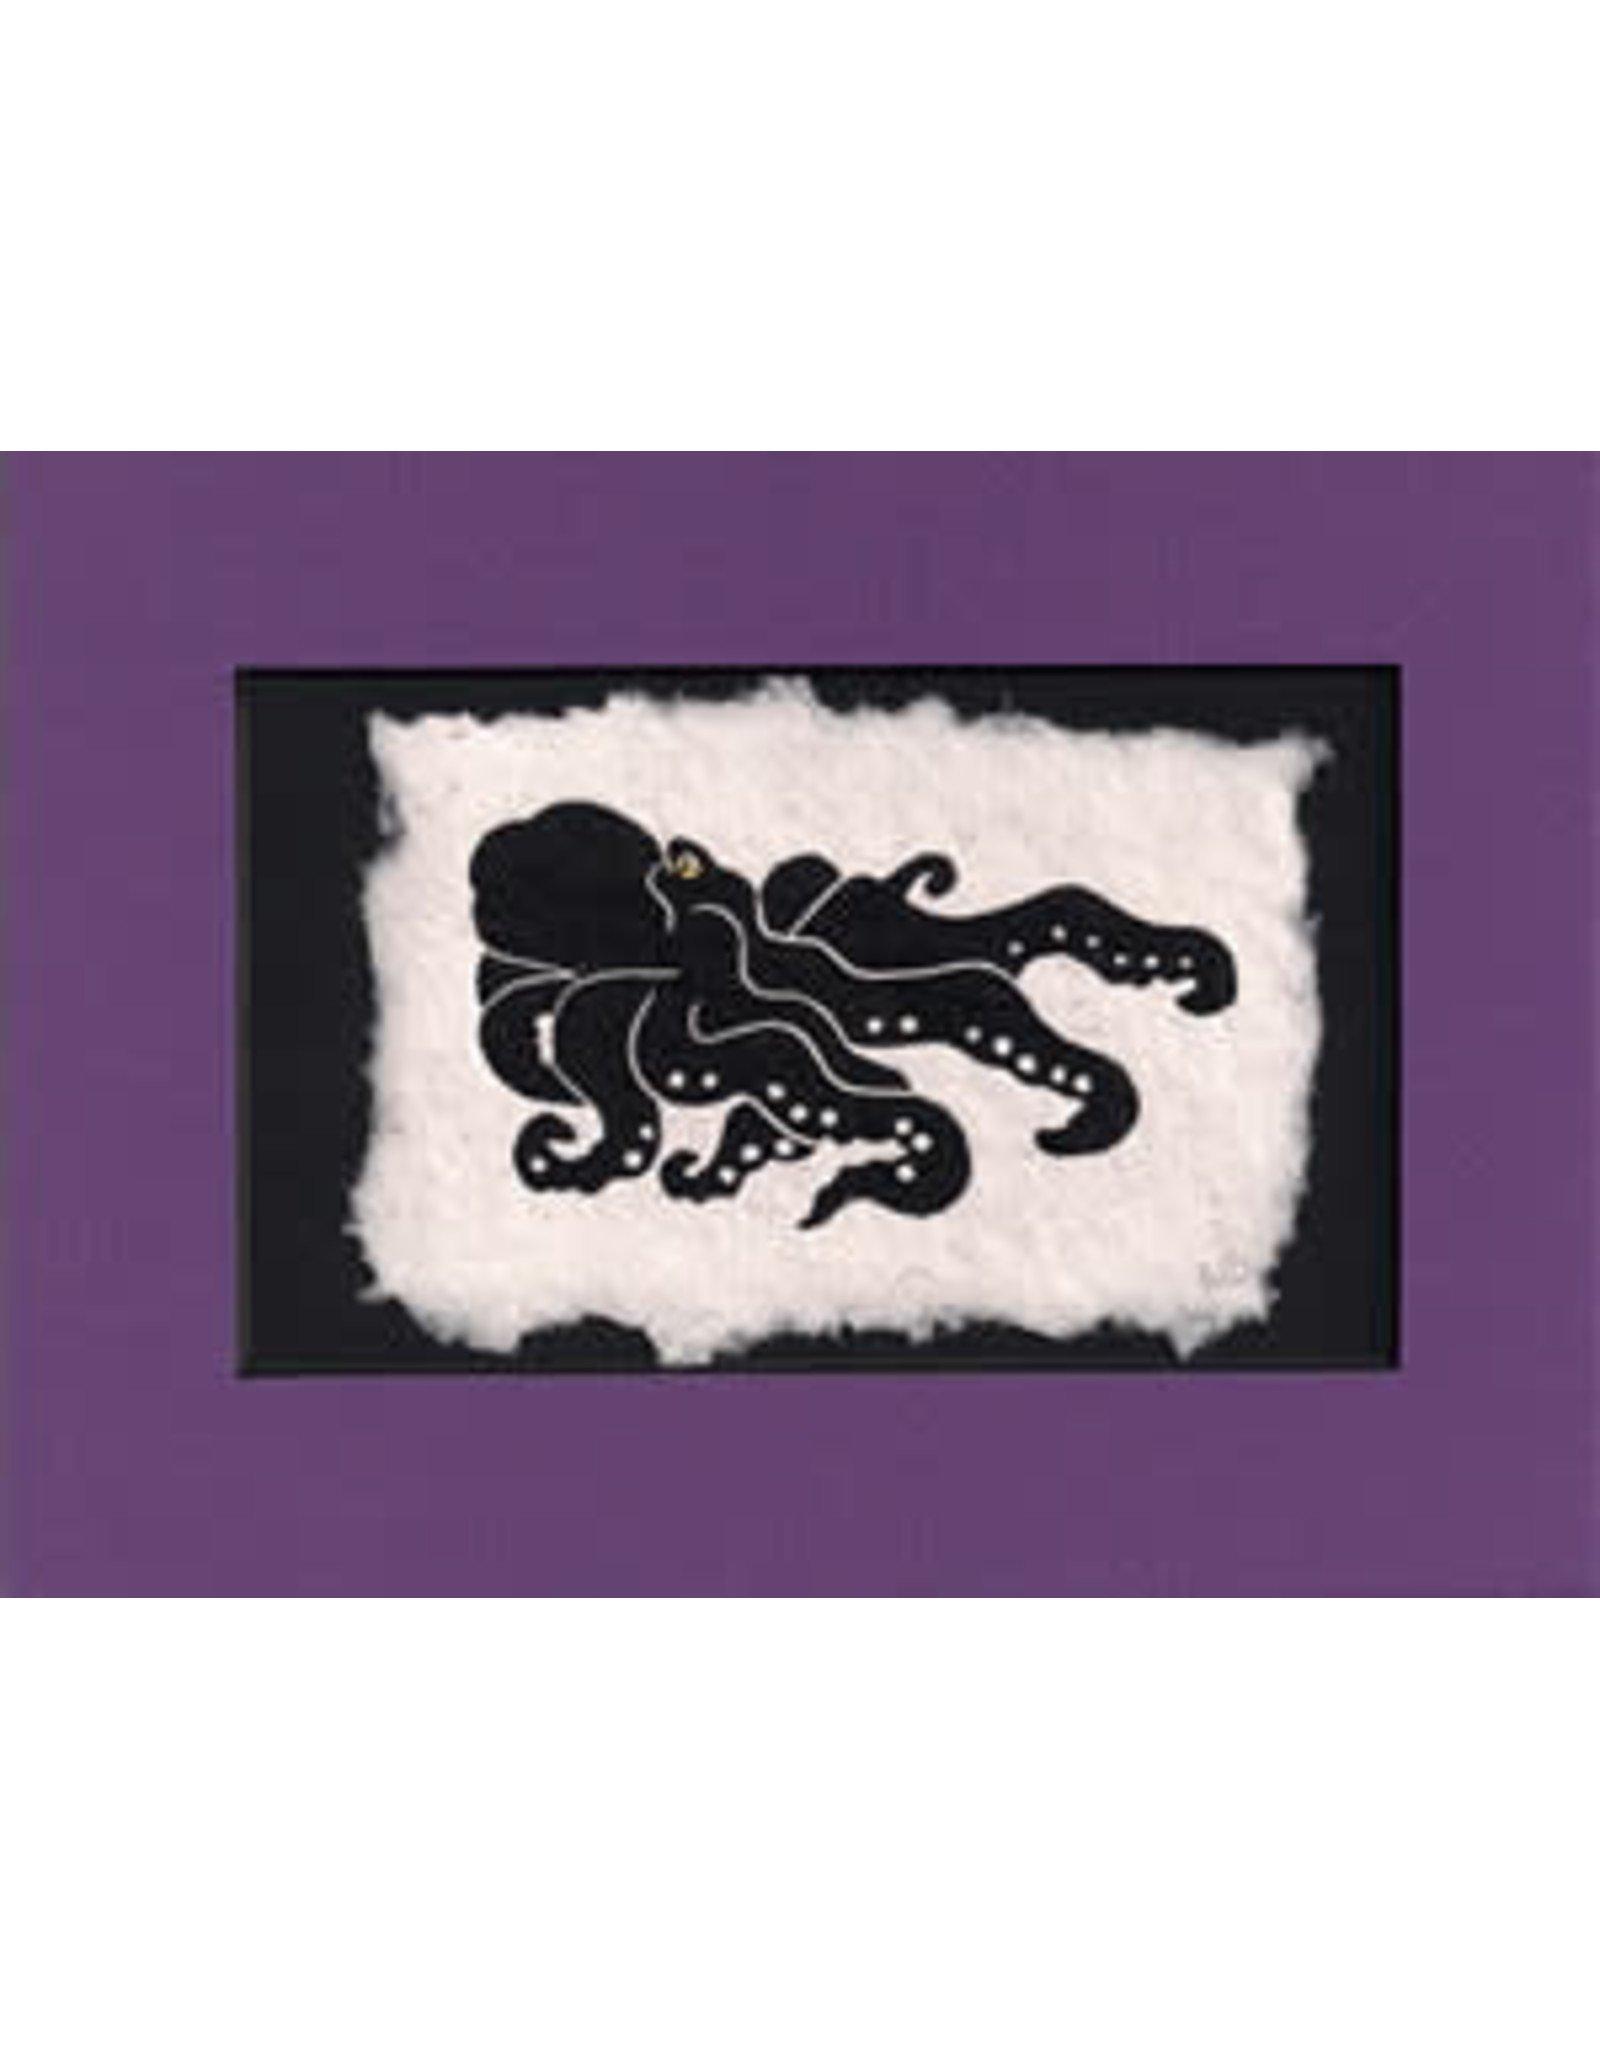 KB's Handmade Creations Octopus (framed) | Karen Beason